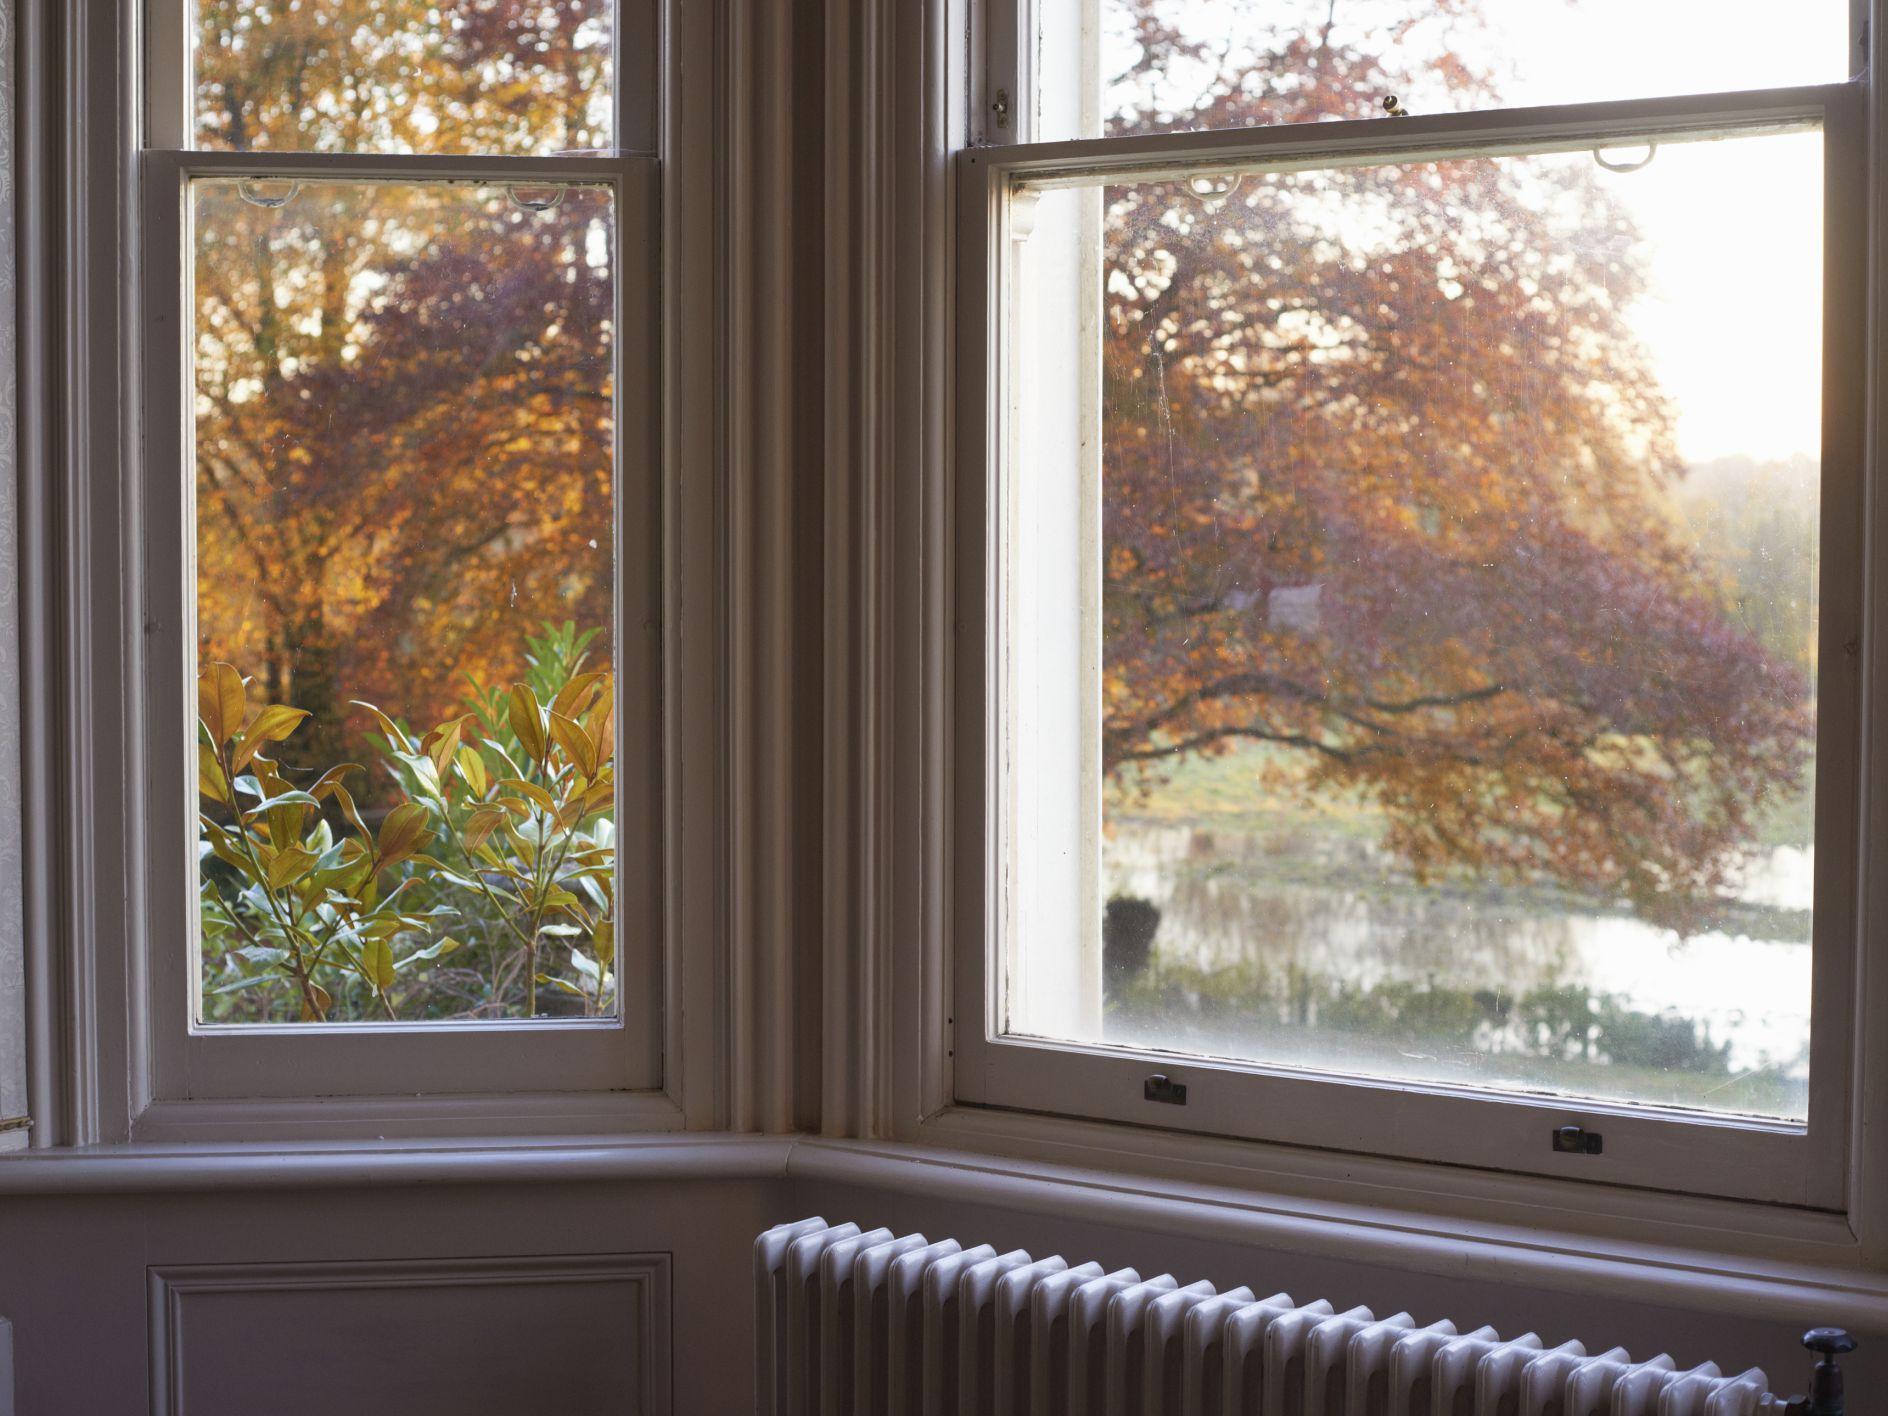 Window Sash Replacement How To Fix Broken Windows